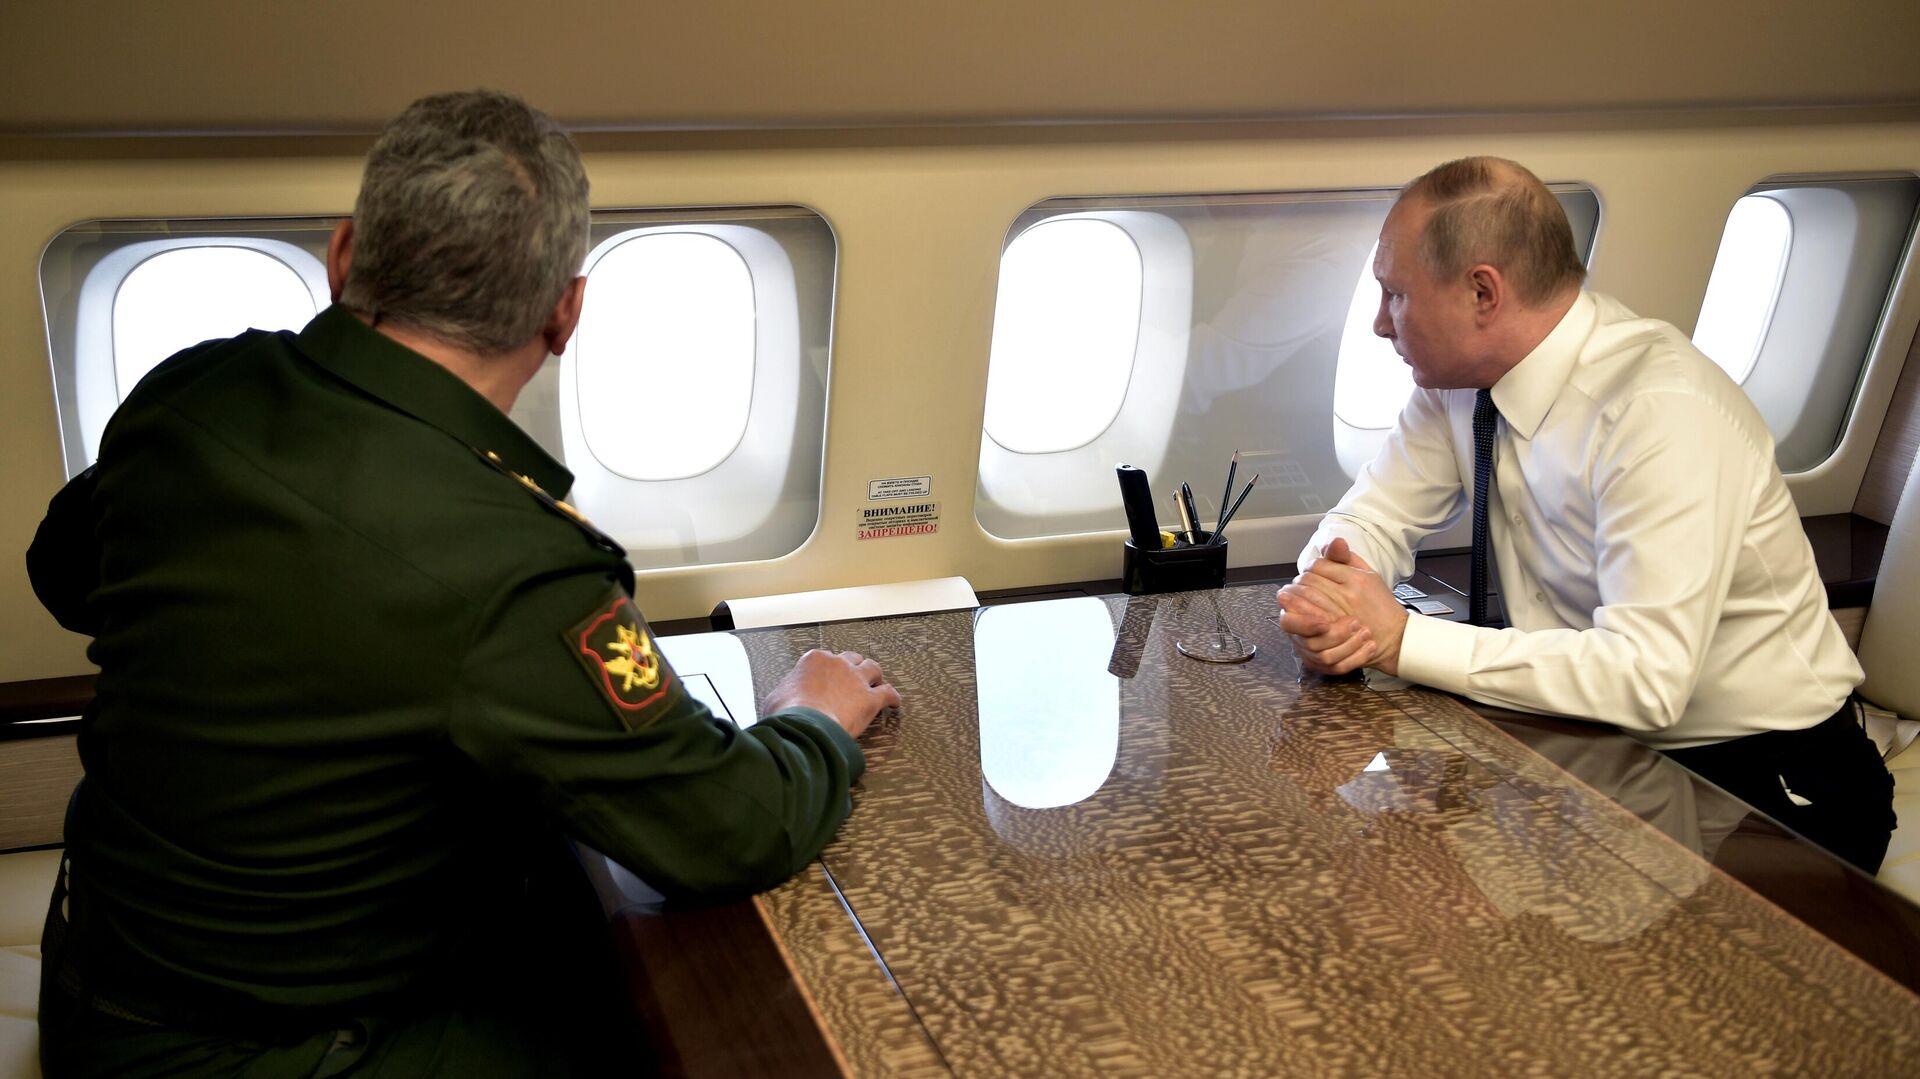 Президент РФ Владимир Путин и министр обороны РФ Сергей Шойгу на борту президентского самолета во время полета в Сирию - РИА Новости, 1920, 07.01.2021